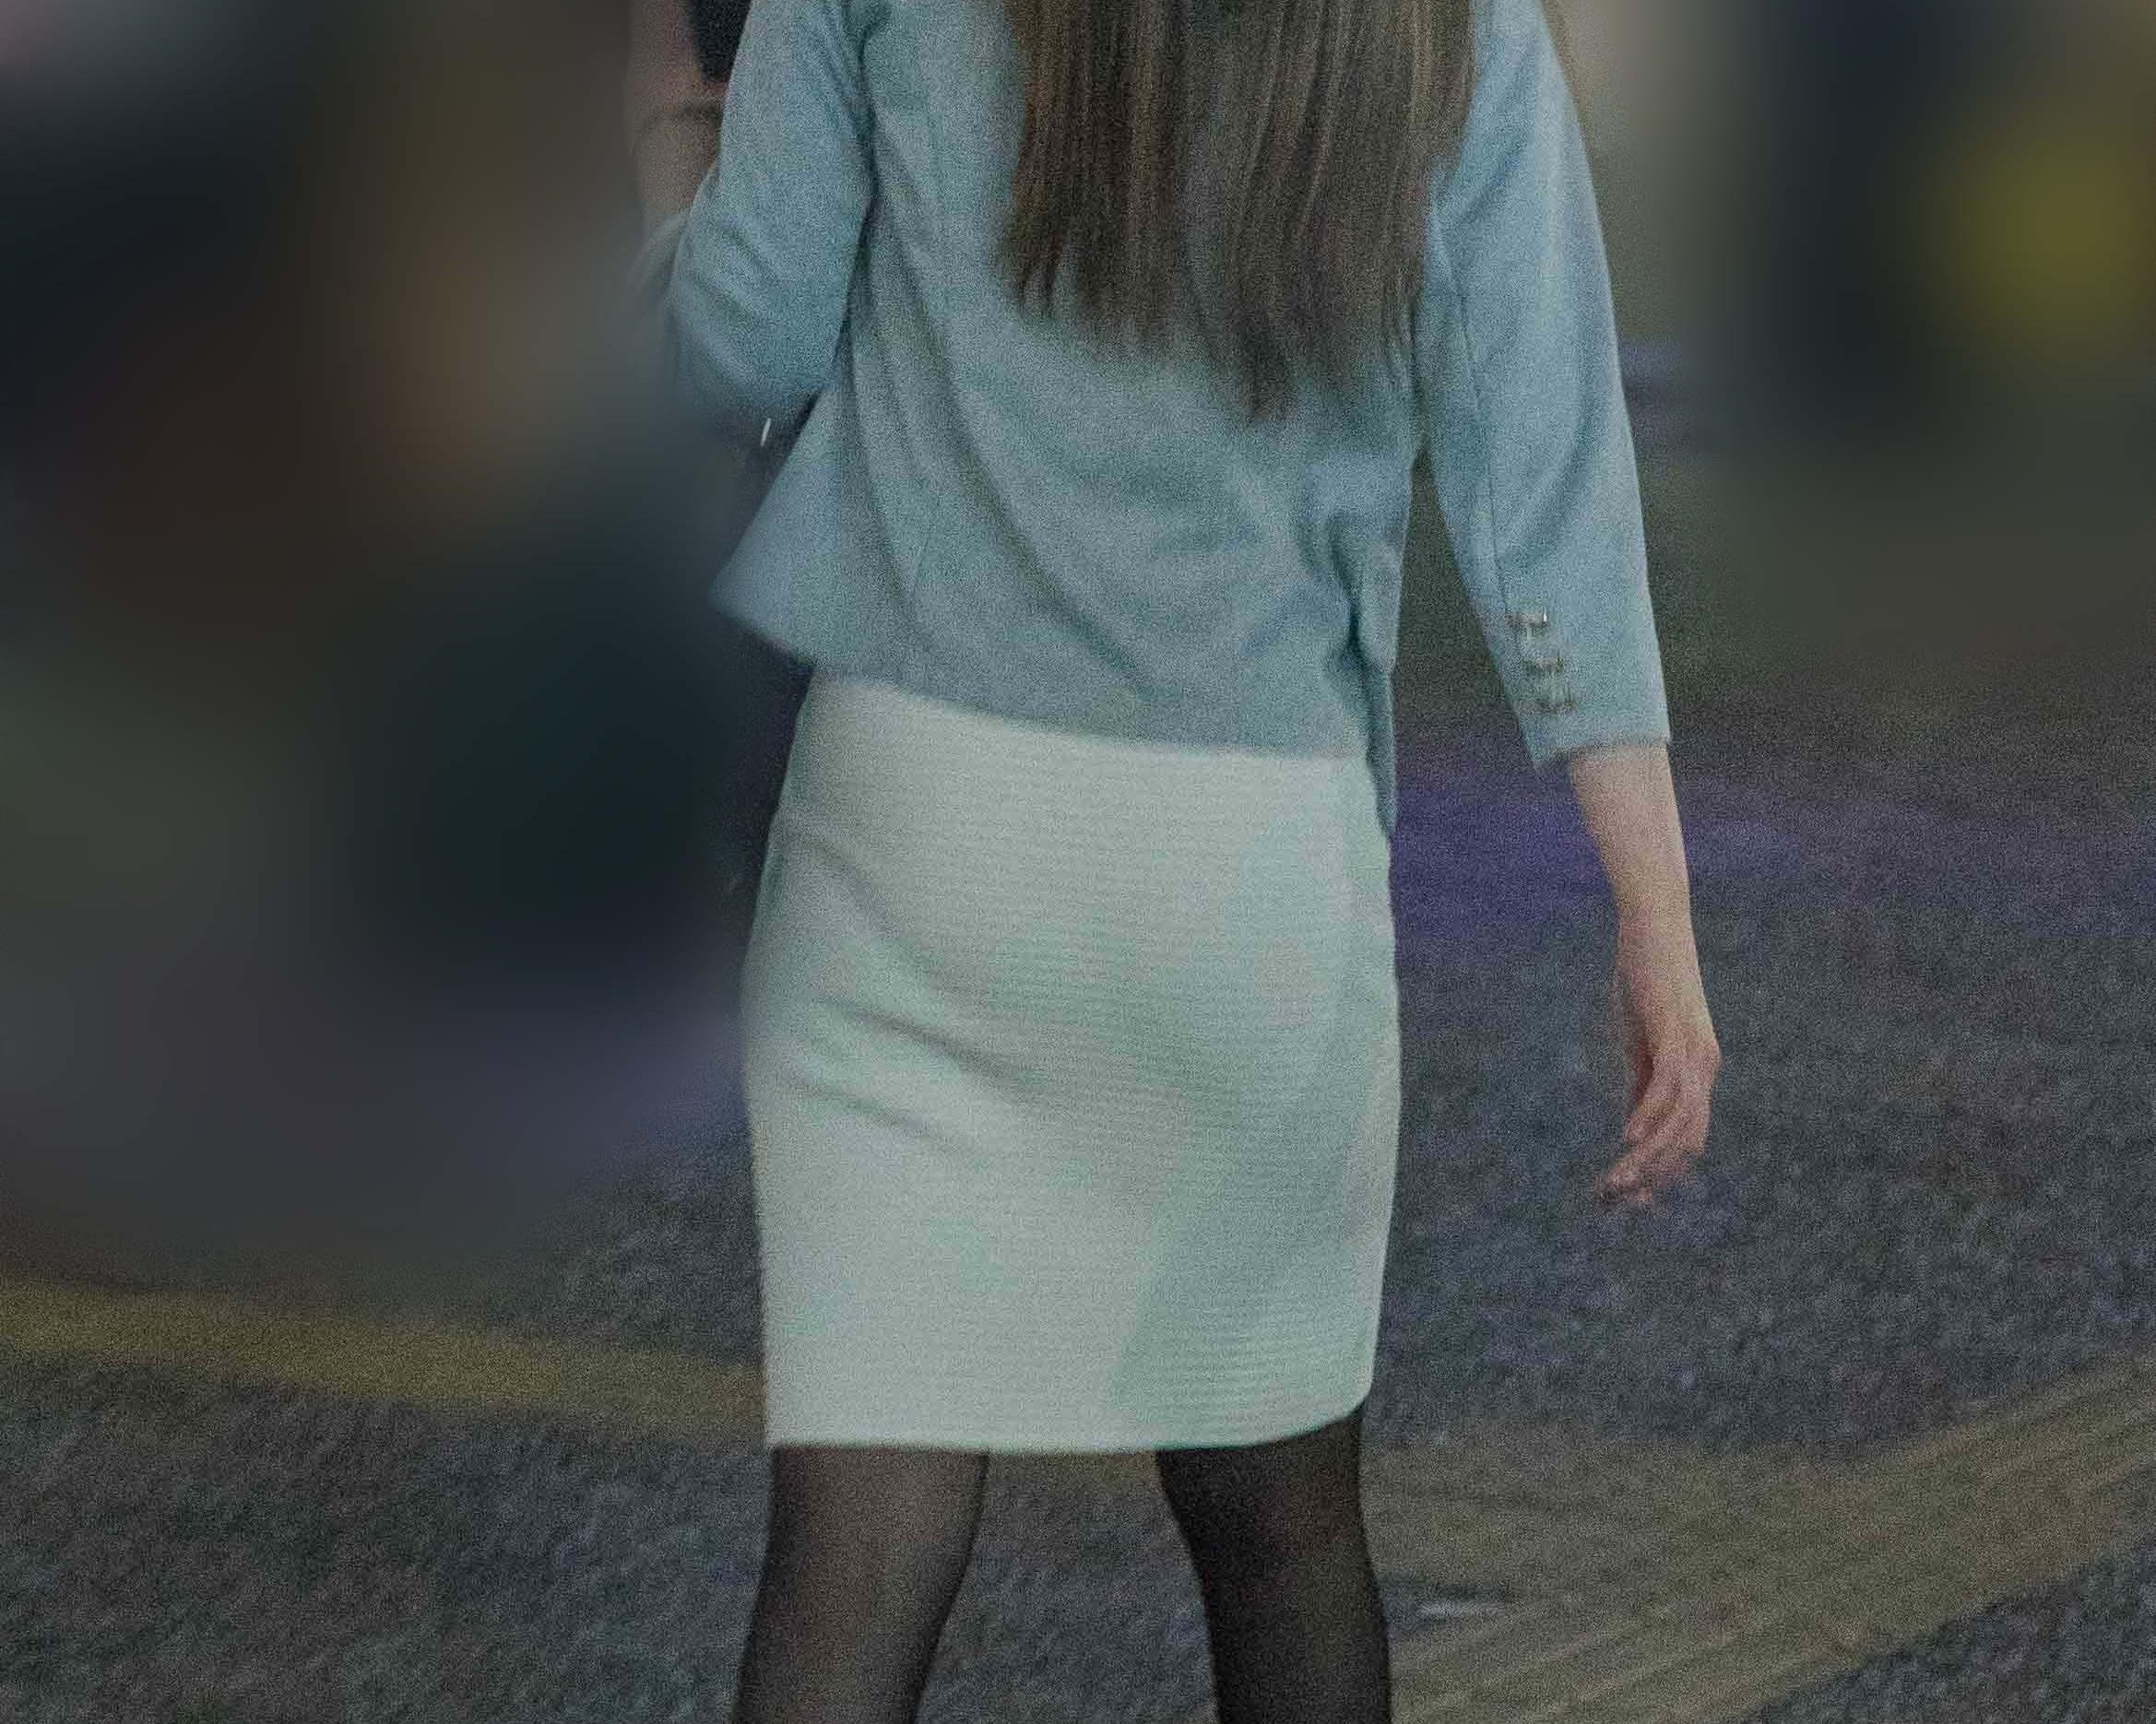 エロさにじみ出る黒ストにタイトスカートのパンティラインがたまらんOLさん!